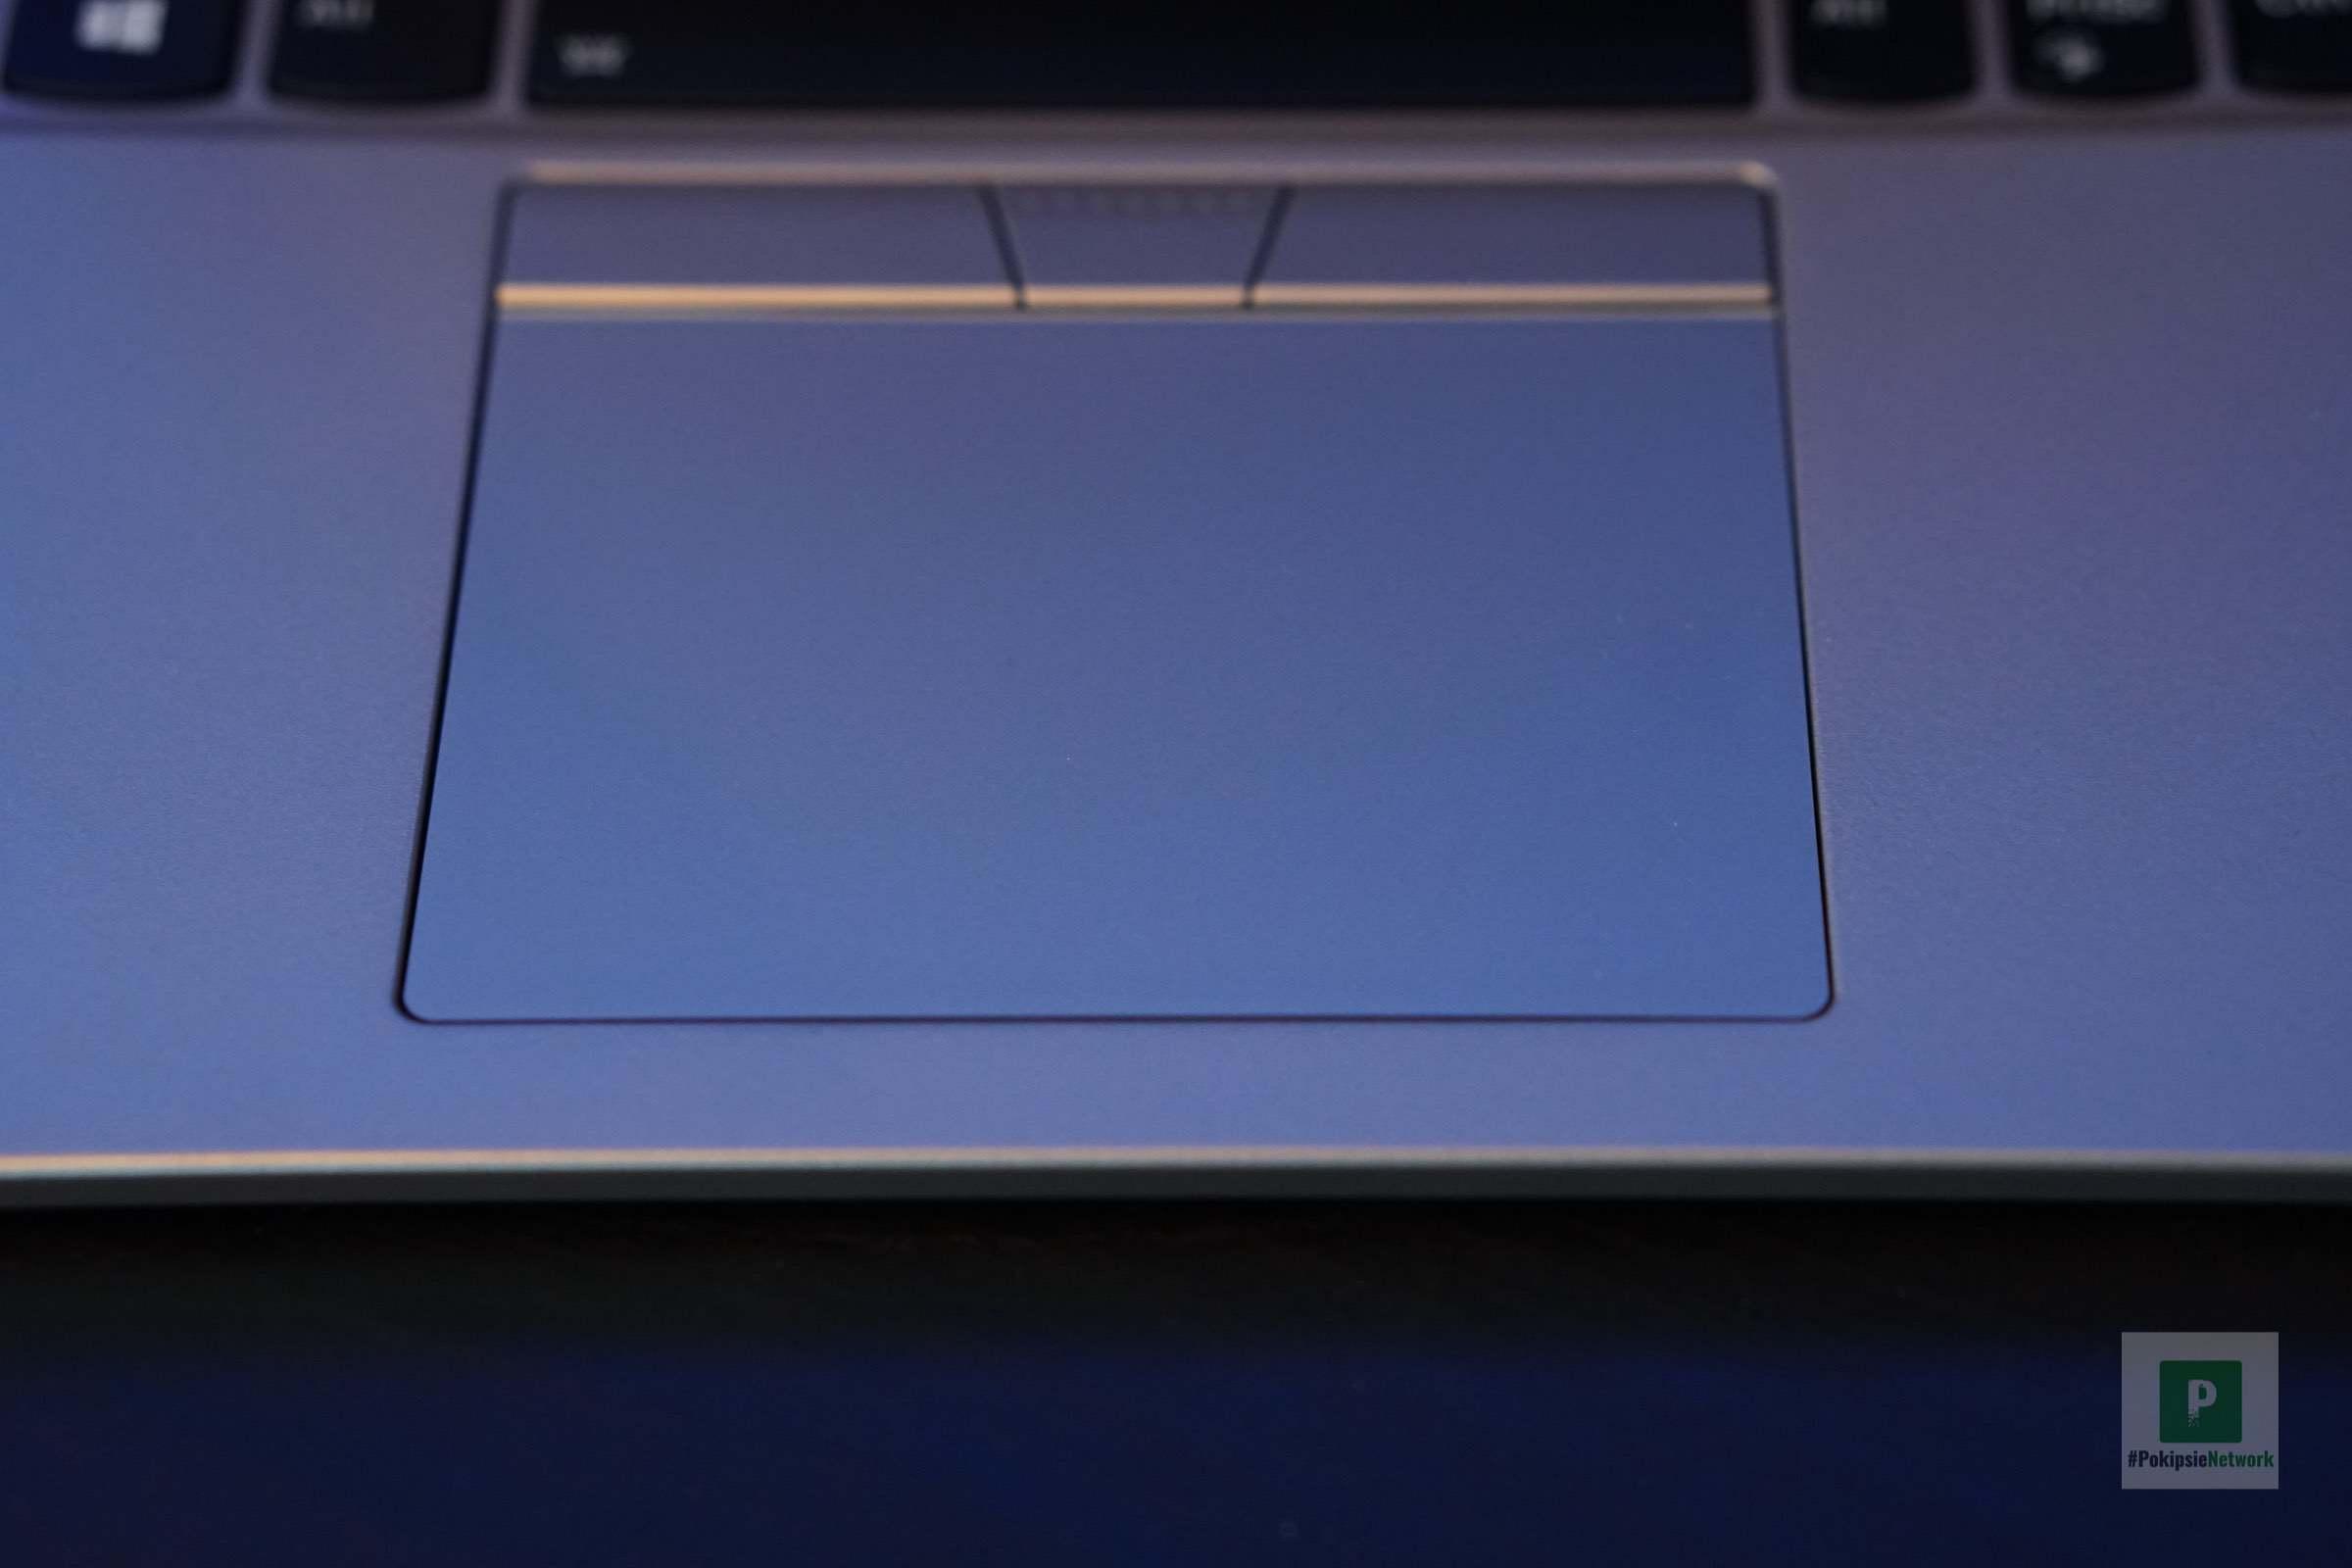 Ein kleines Trackpad